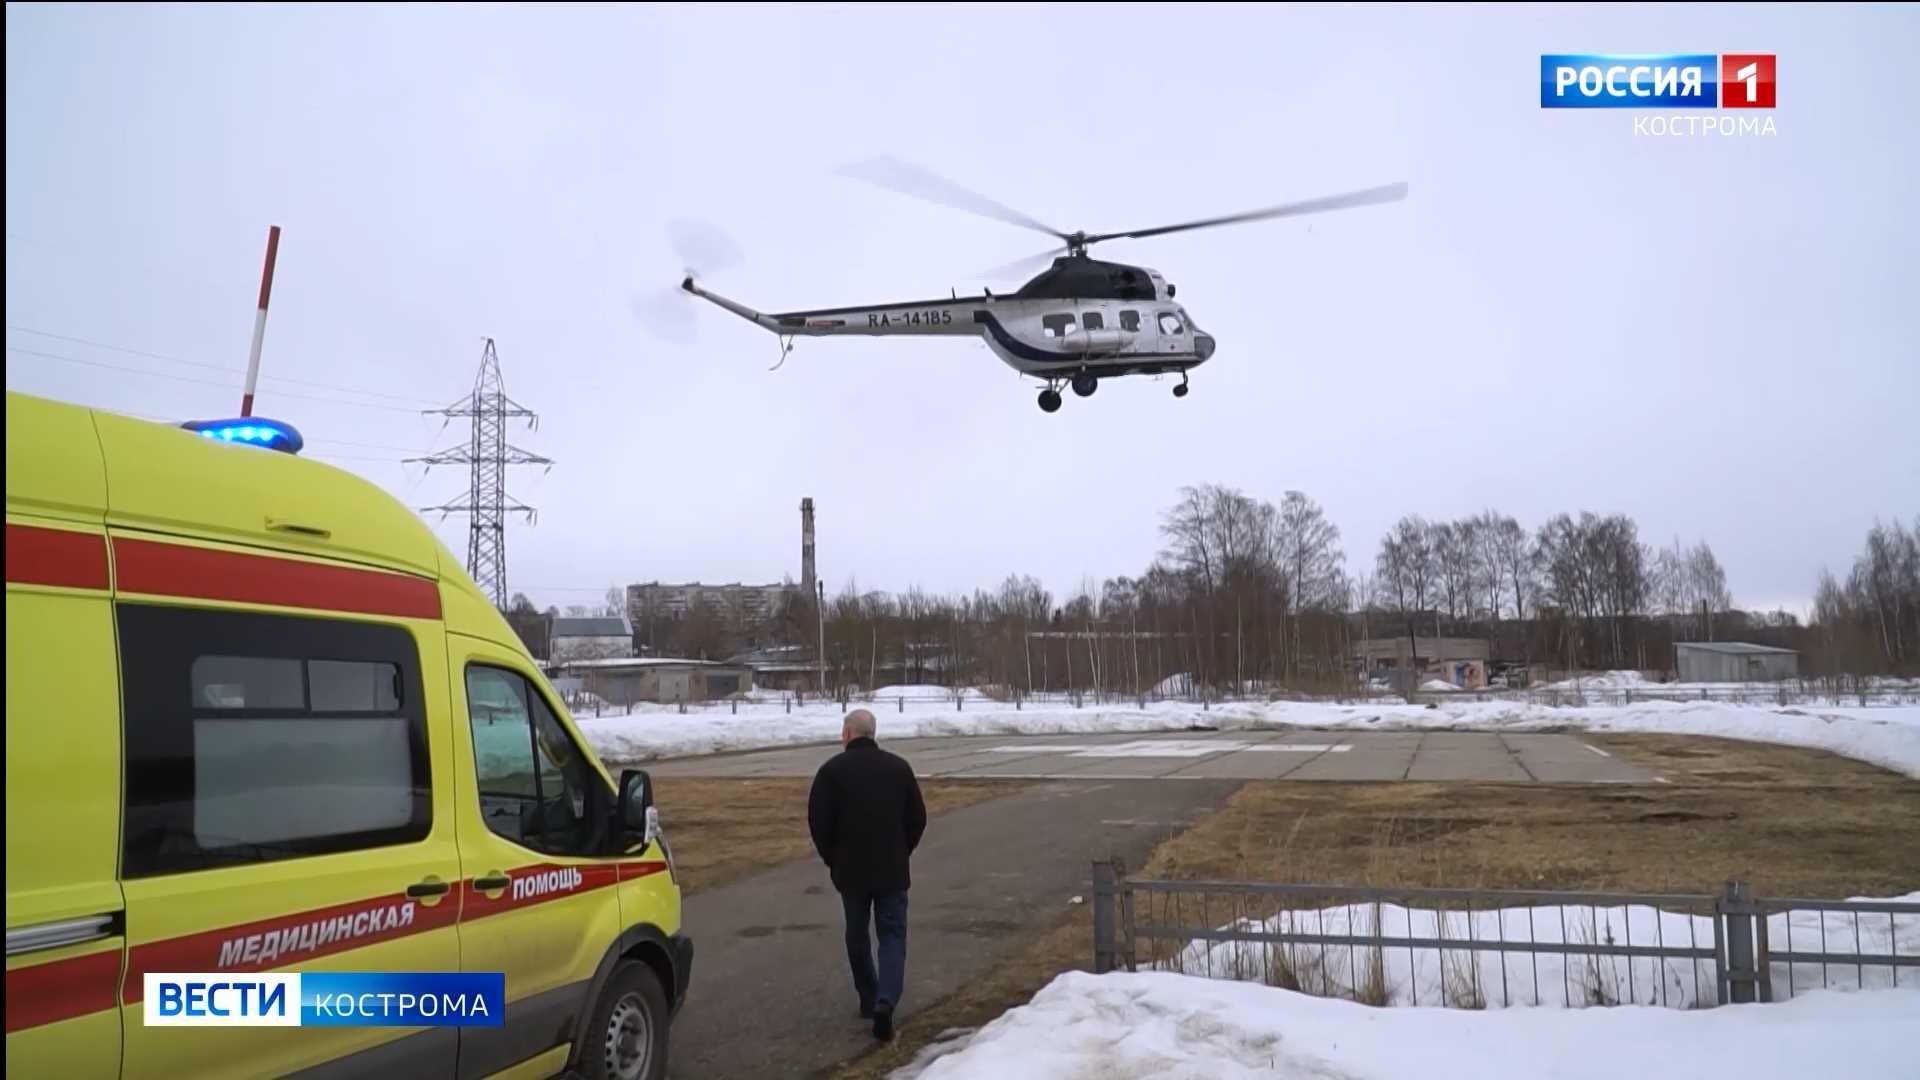 Обновлённая вертолётная площадка заработала в Костромской области